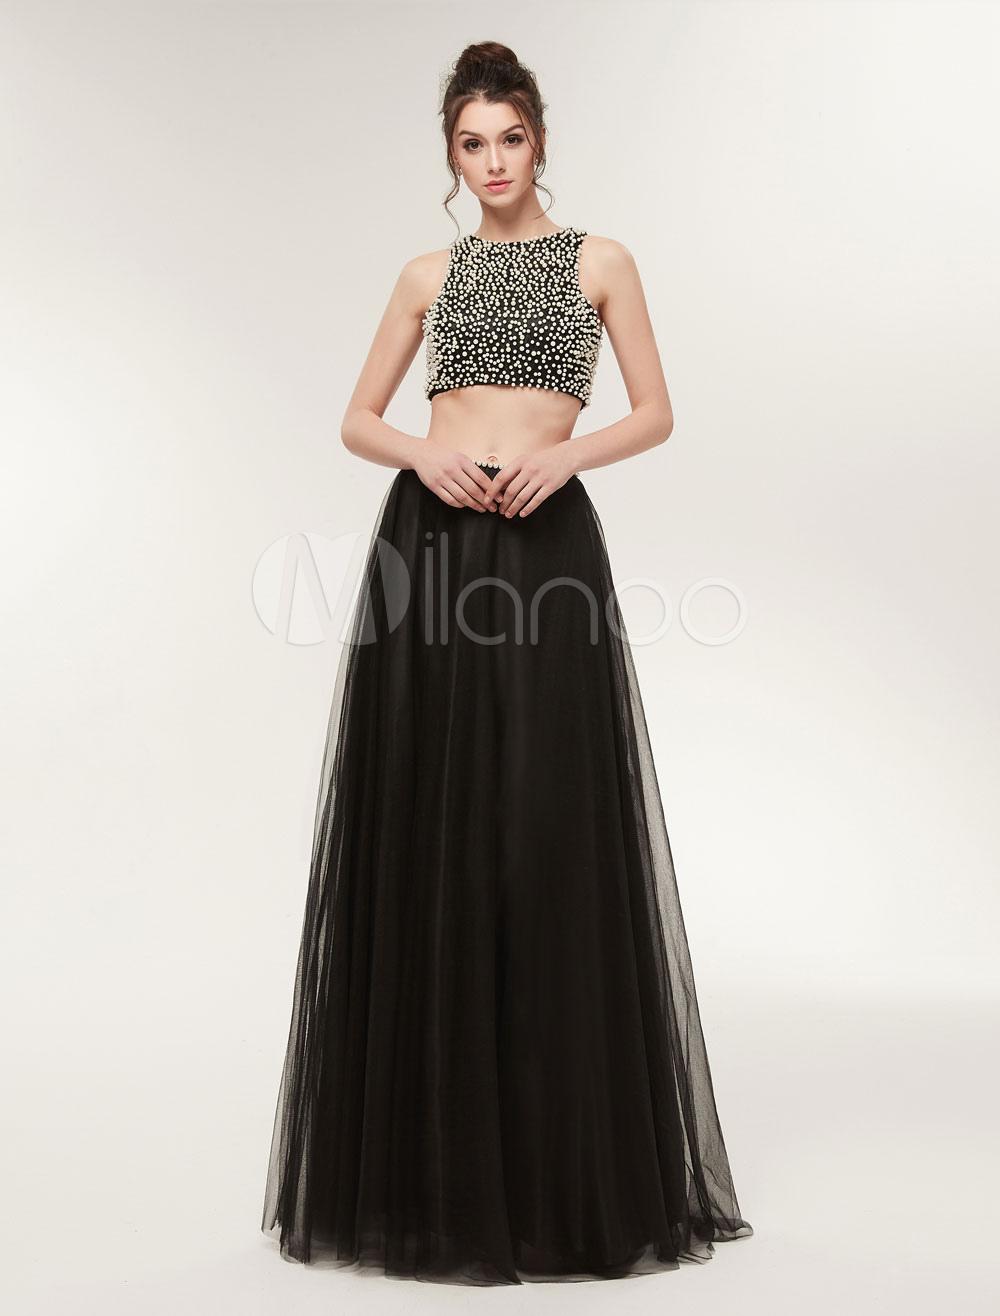 7266f1db9 Vestidos de baile negro largo de dos piezas perlas sin respaldo ...